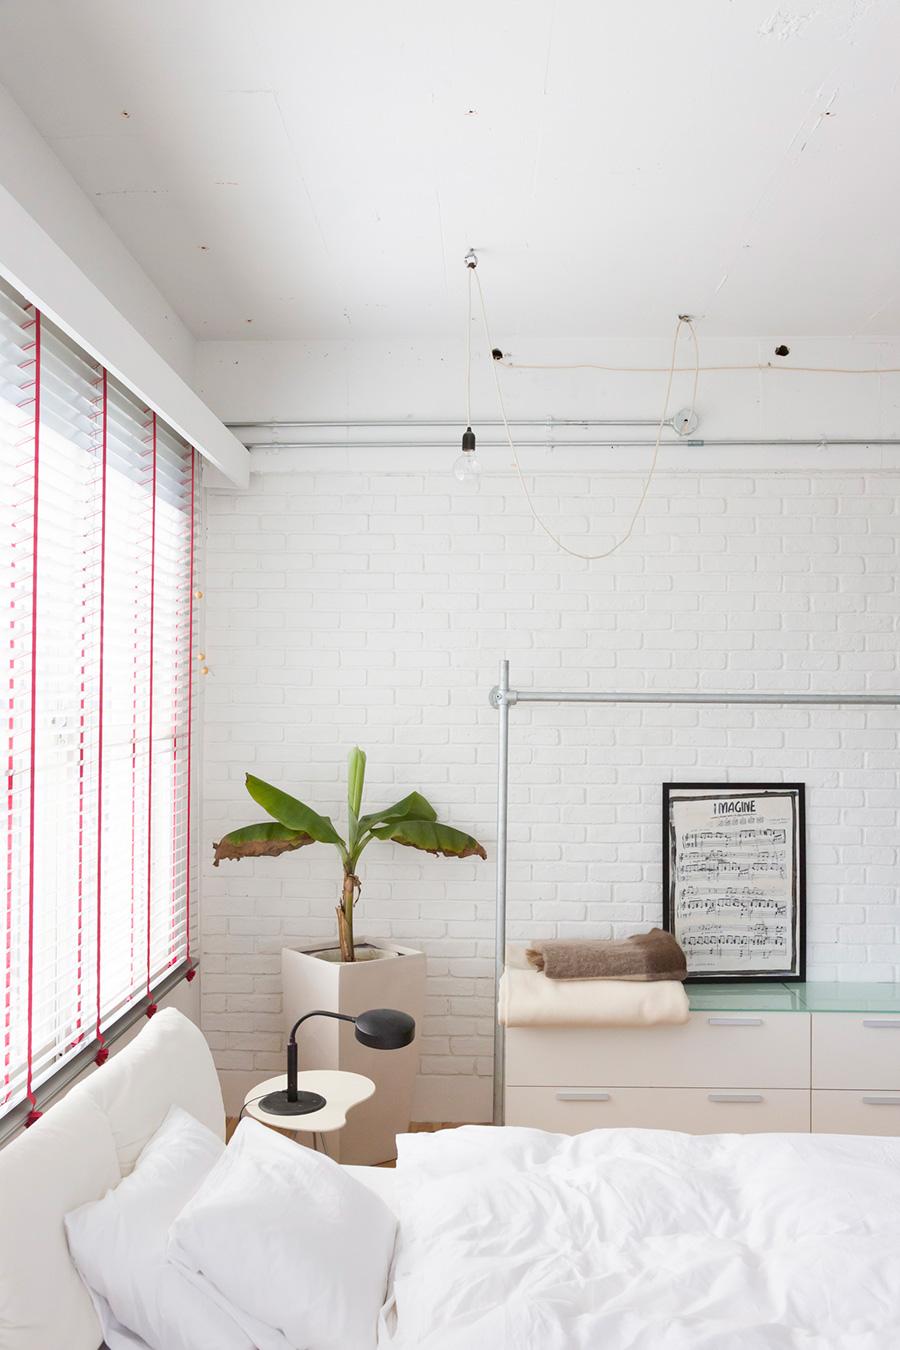 ブリックタイルを貼り、目地ごと白にペイント。味のある壁面ができあがった。